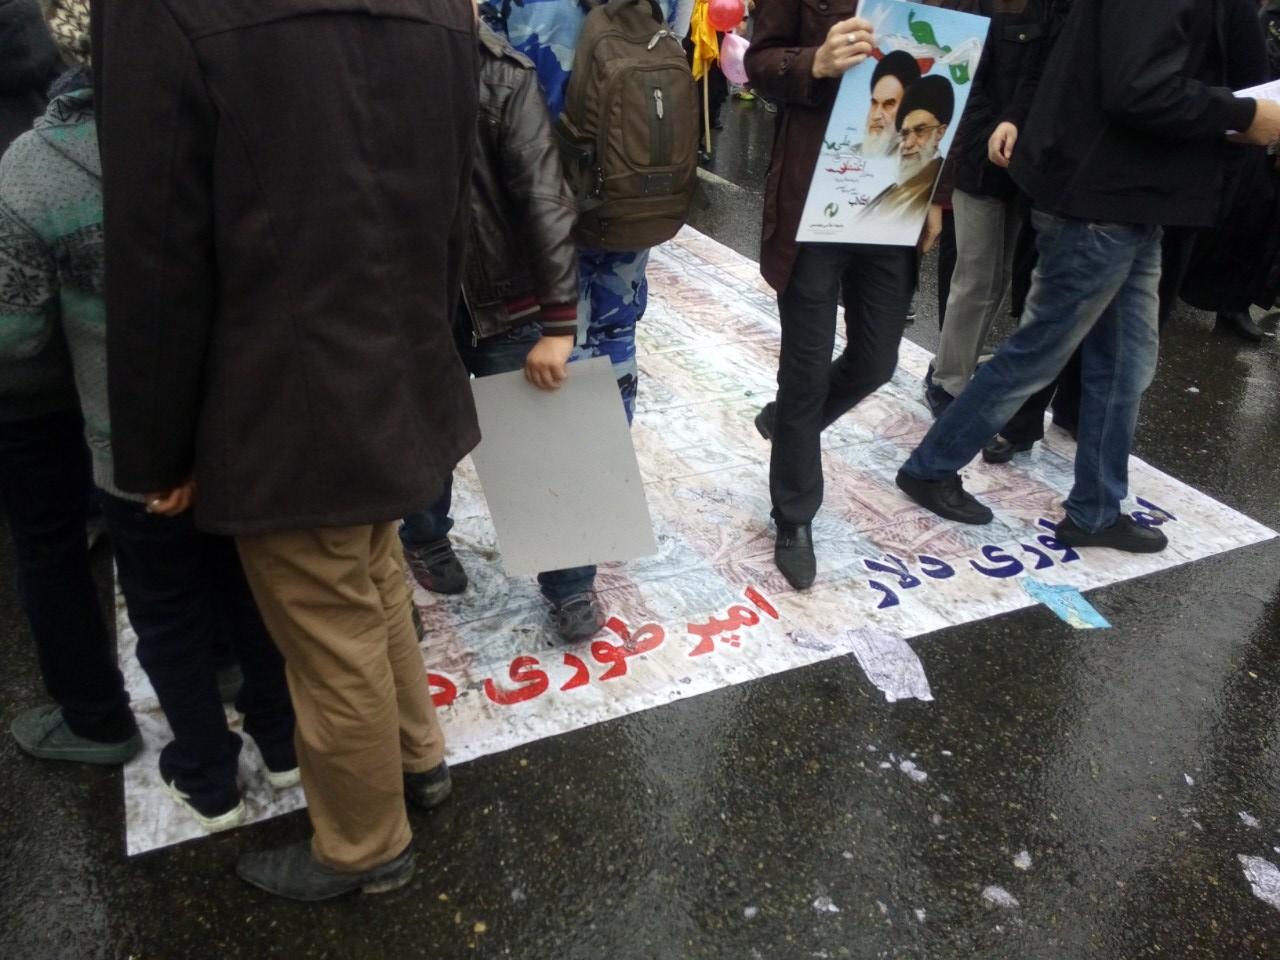 تصویر از فعالیتهای جنبش در سالروز انقلاب اسلامی